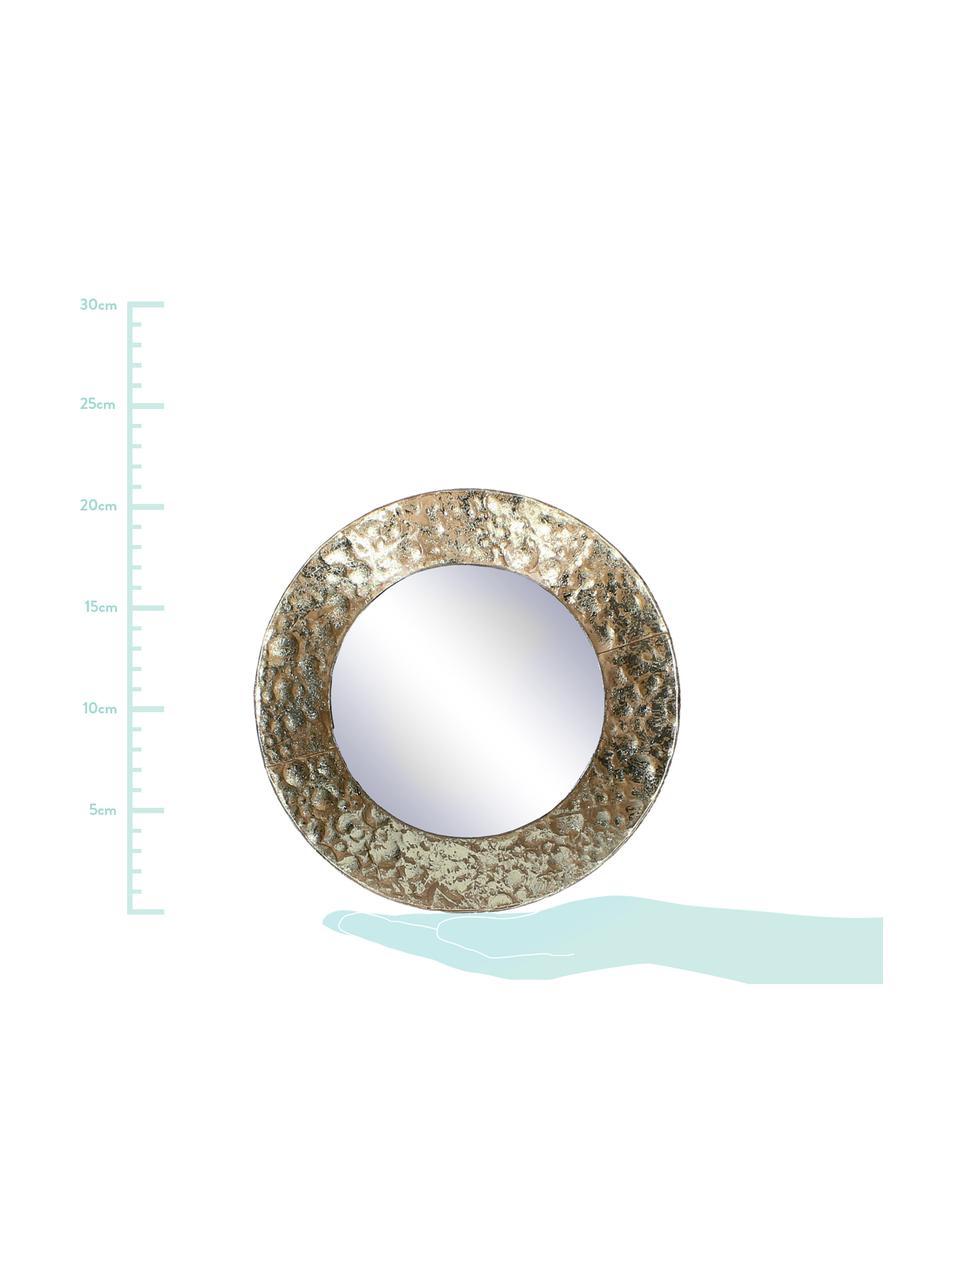 Ronde wandspiegel Fridy met messing lijst, Lijst: gecoat metaal, Messingkleurig, Ø 21 cm